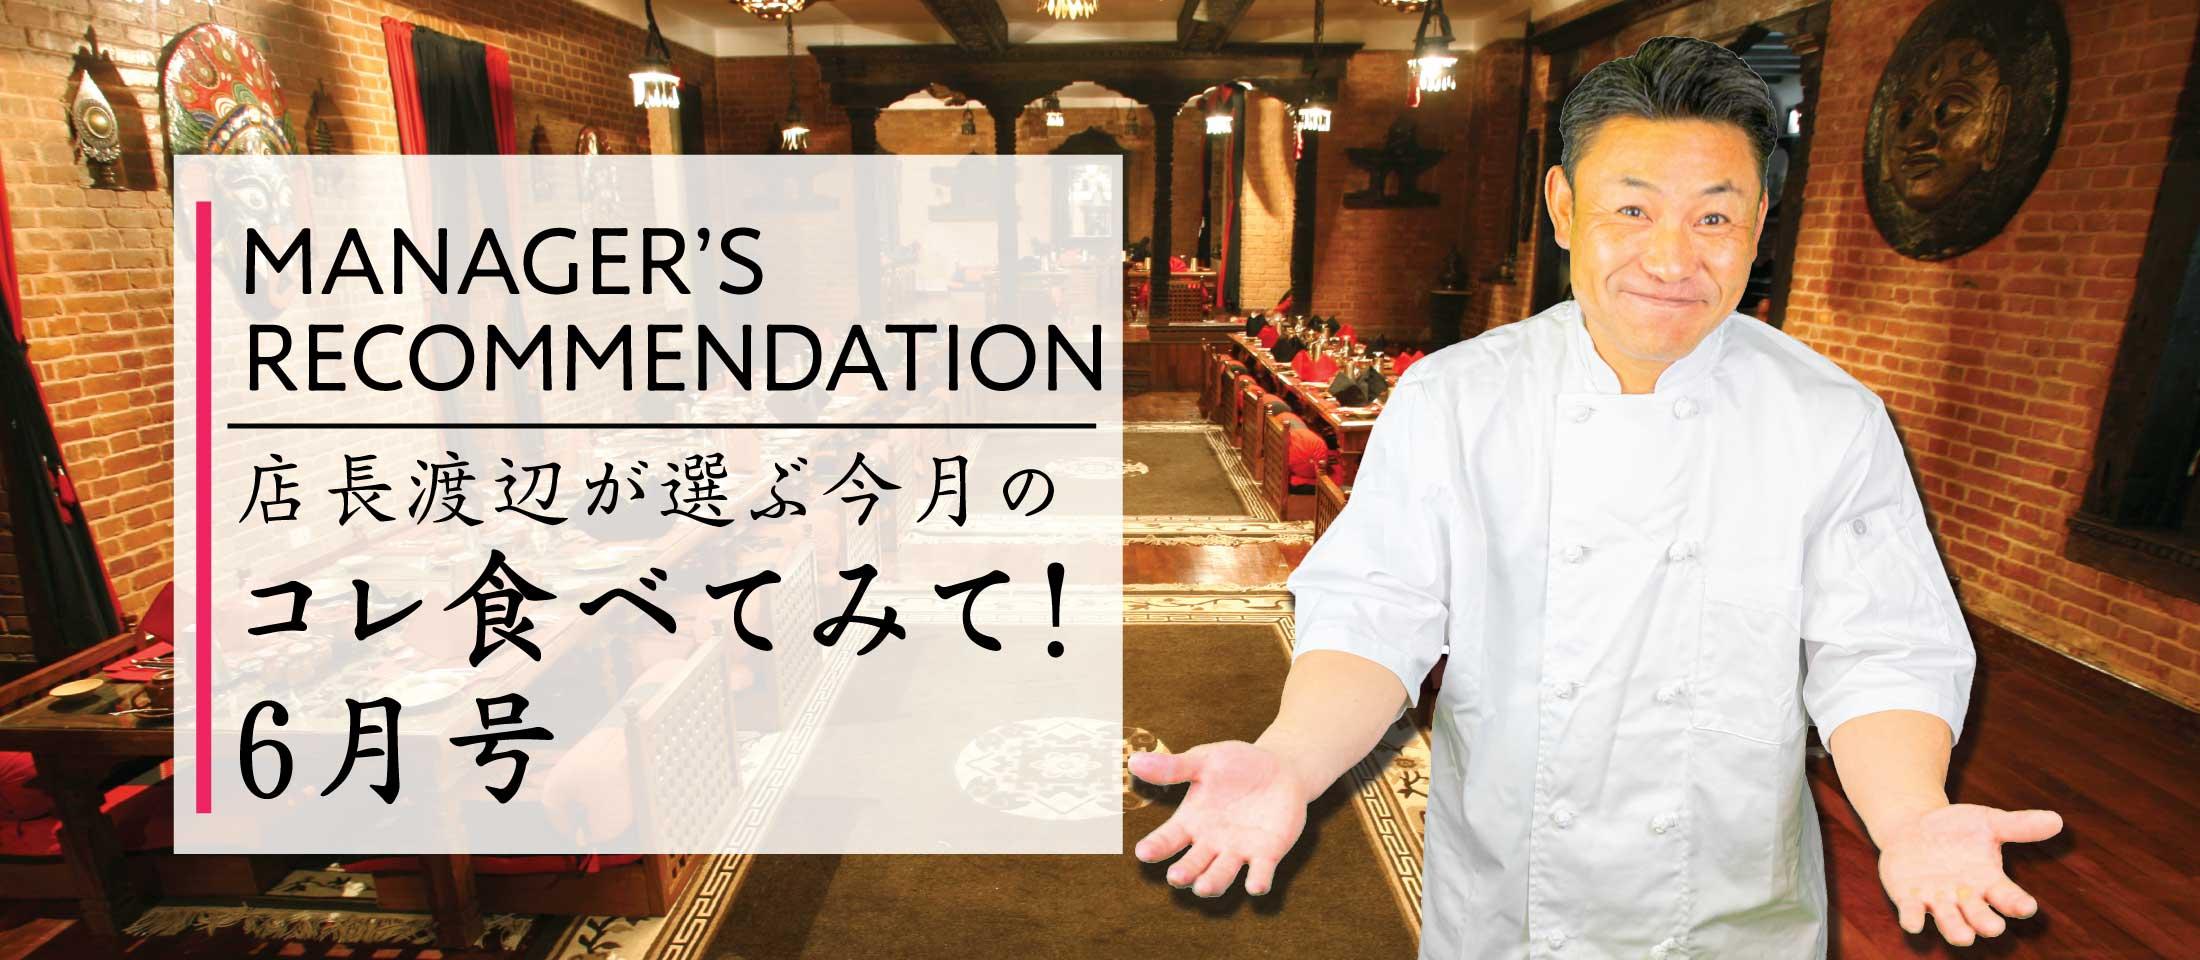 店長渡辺が選ぶ今月のコレ食べてみて!6月号 業務用食品・冷凍食品おすすめ 業務用食品・冷凍食品の通販 |ナカヤマフーズ